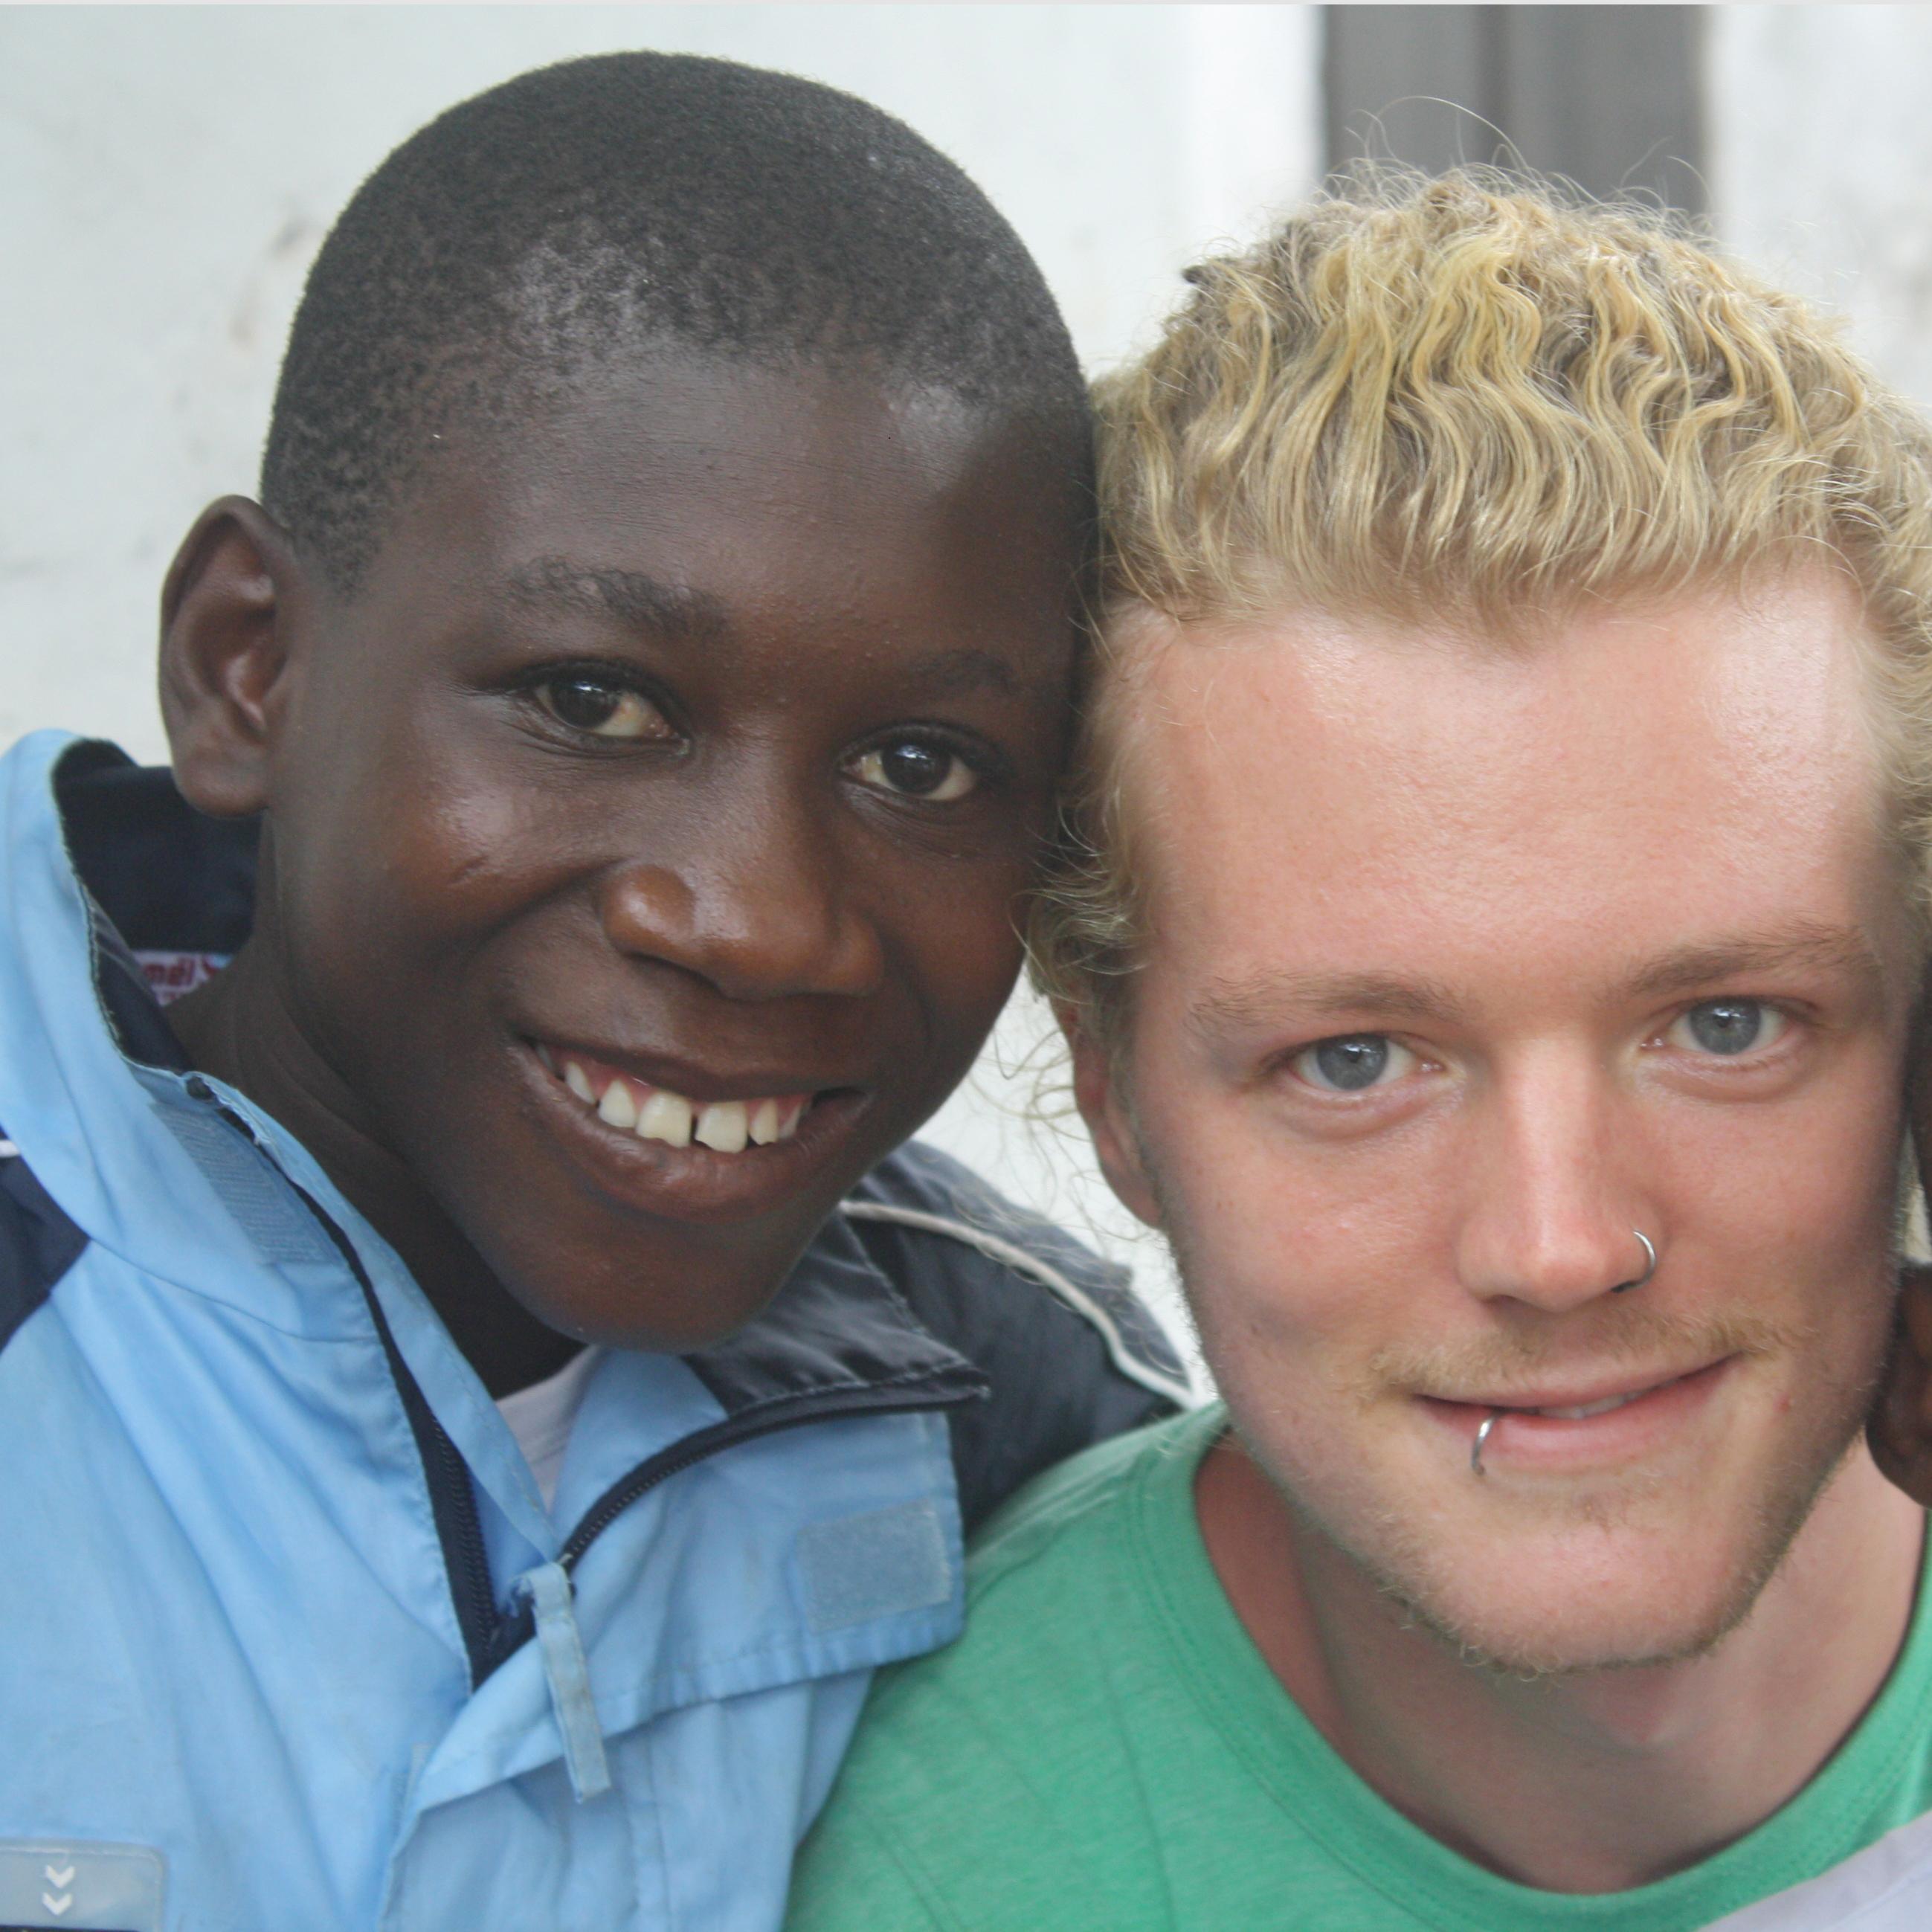 Bild von Simon, 2013-2014 in Ghana